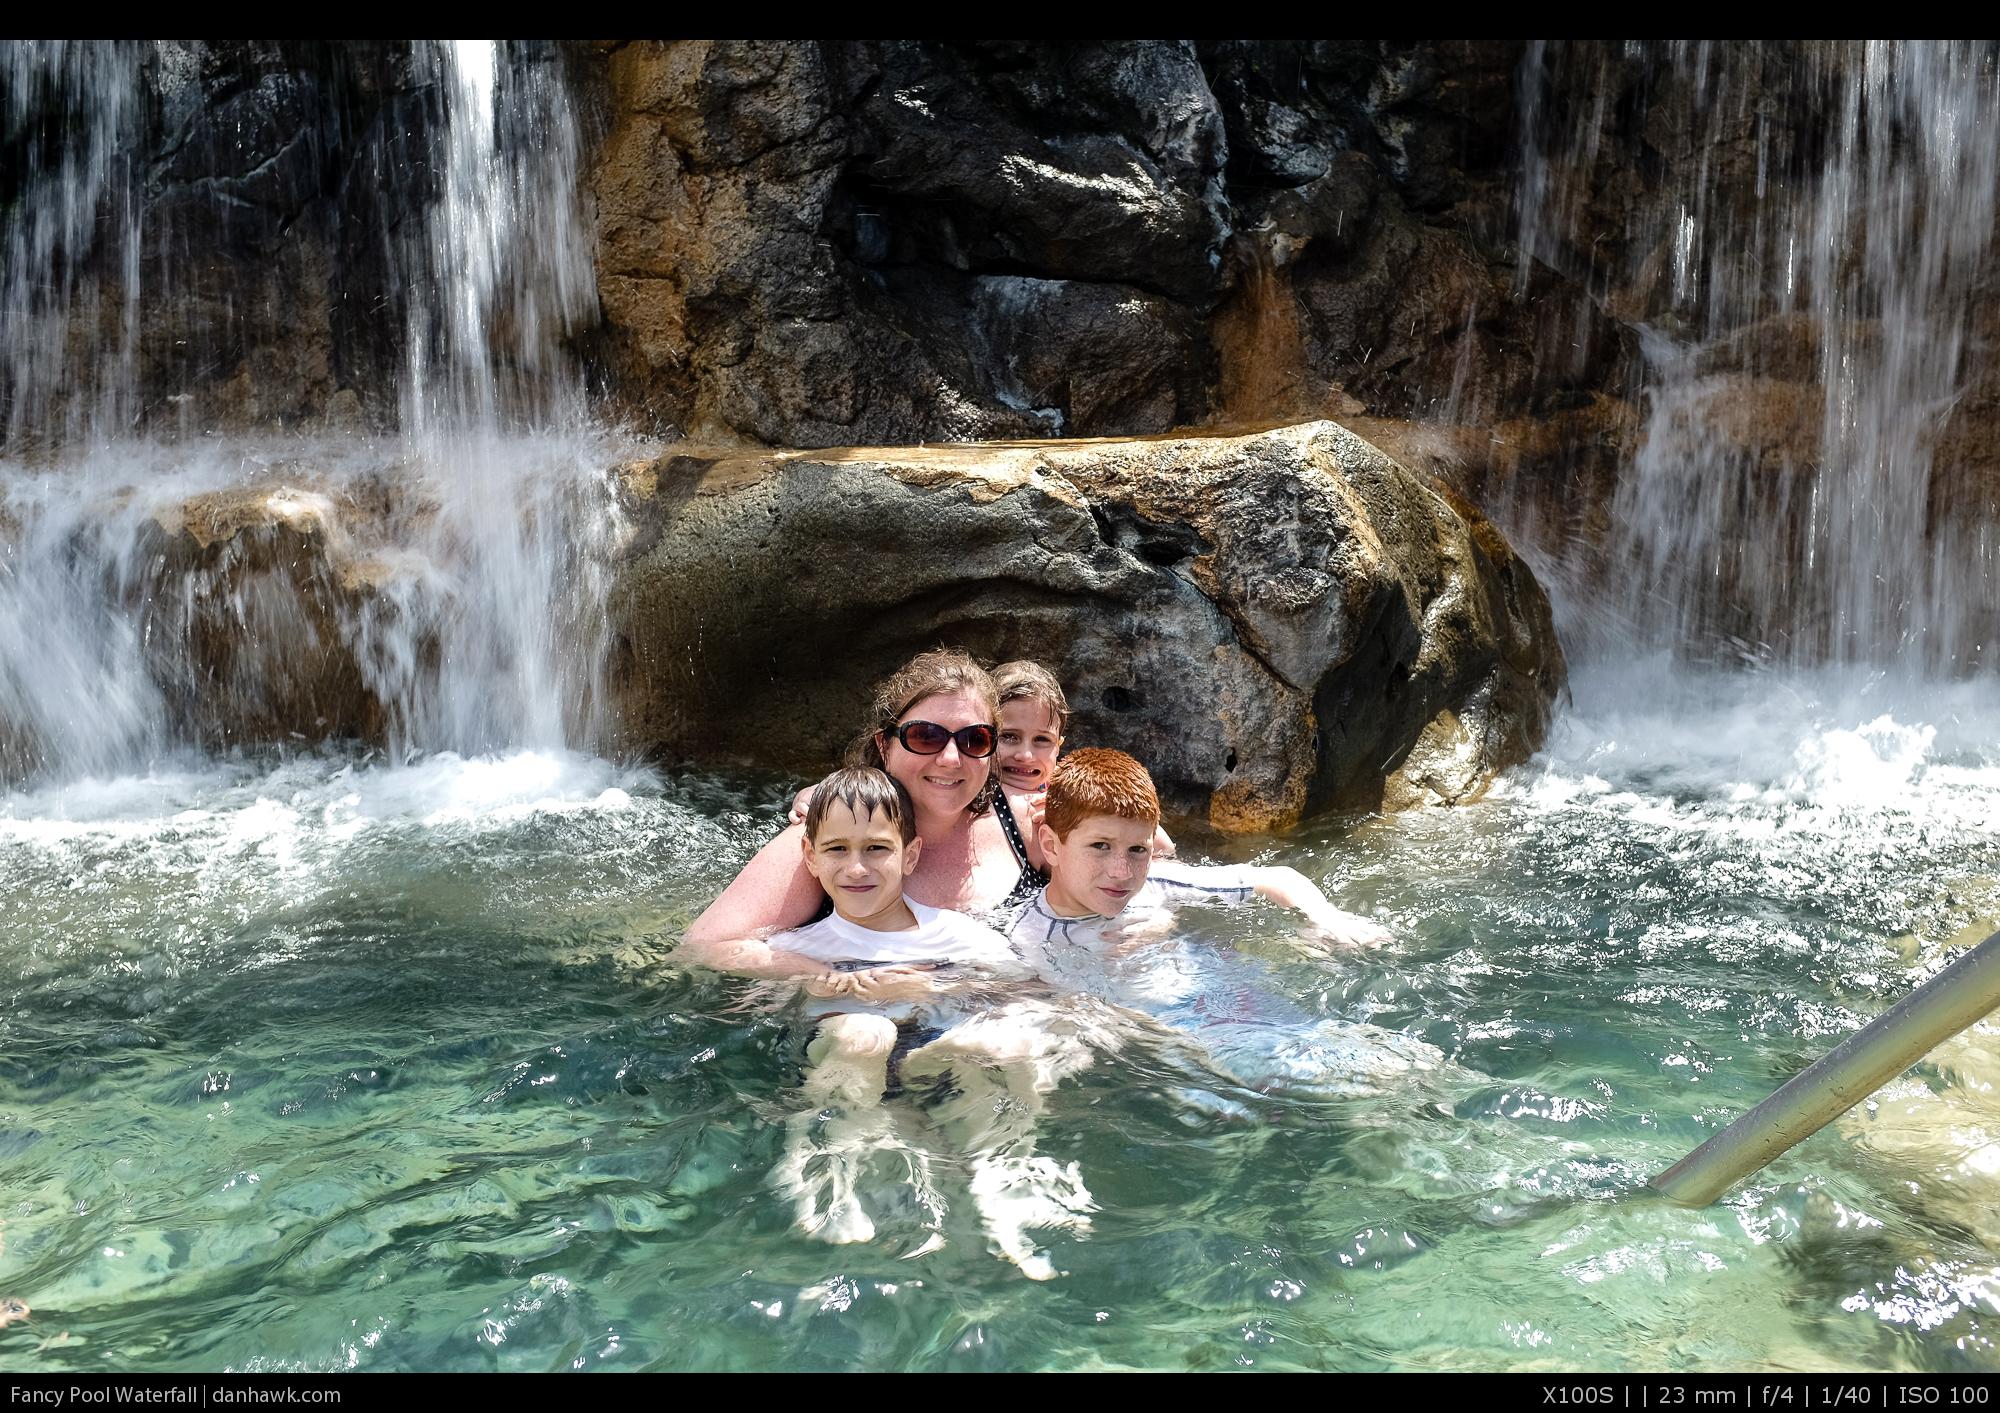 Fancy Pool Waterfall